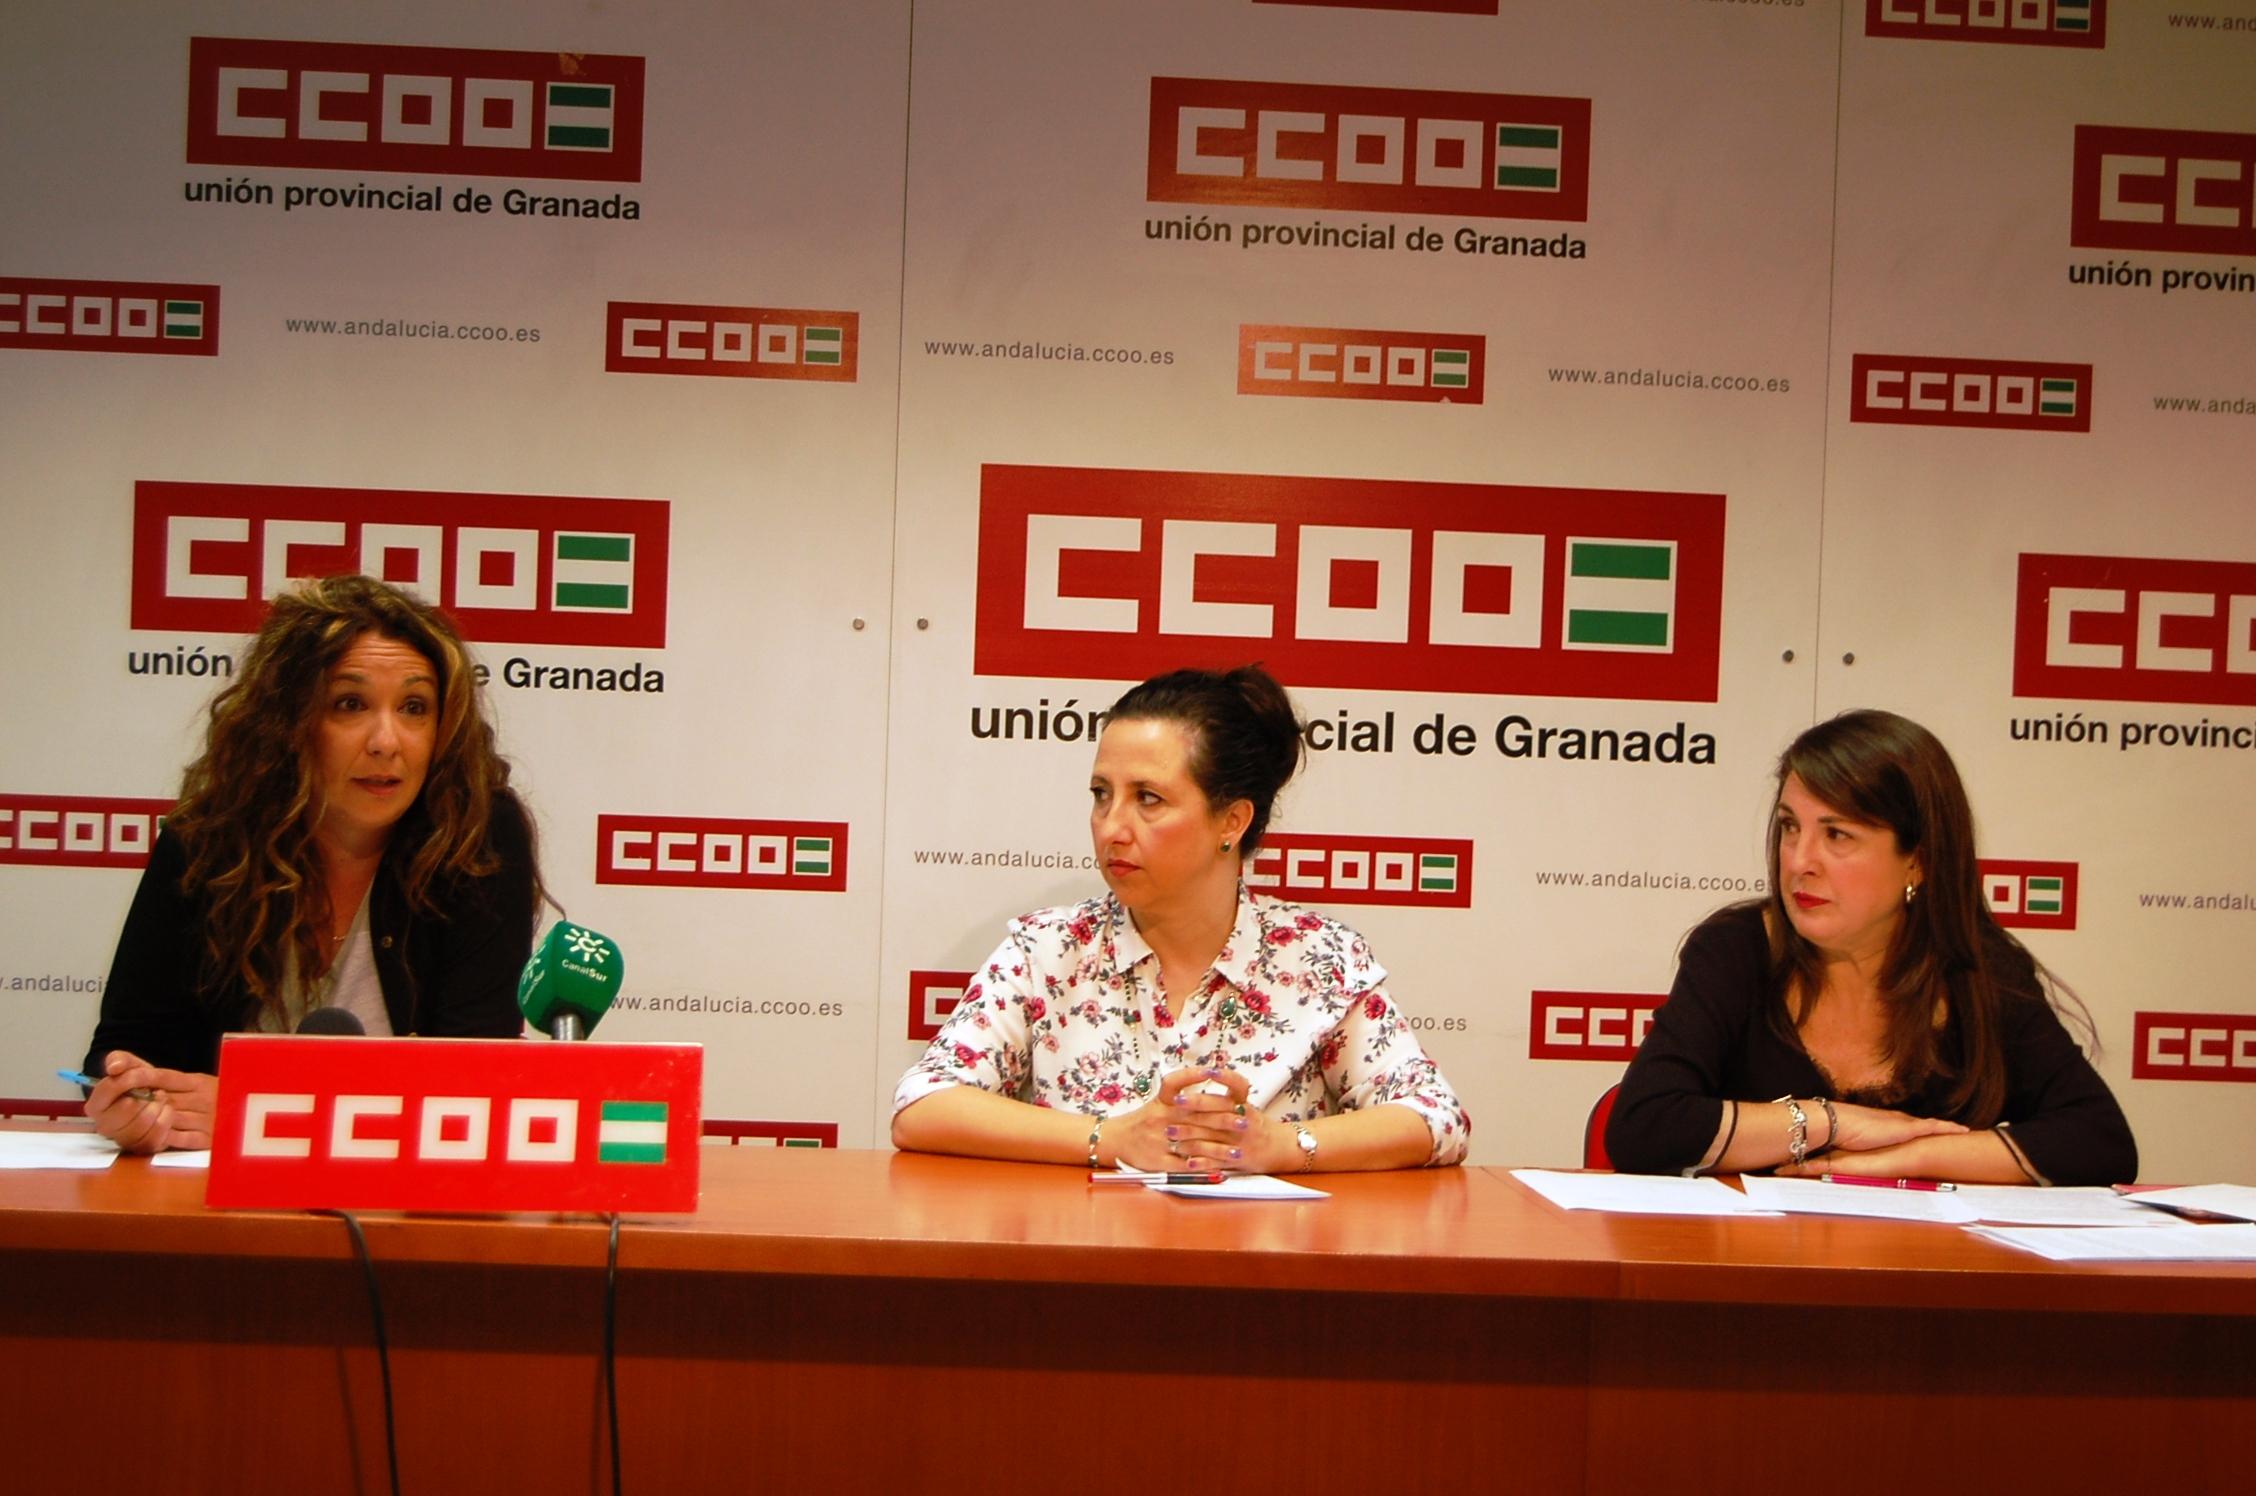 CCOO denuncia a Educación por aprobar los decretos de ordenación sin contar con la comunidad educativa